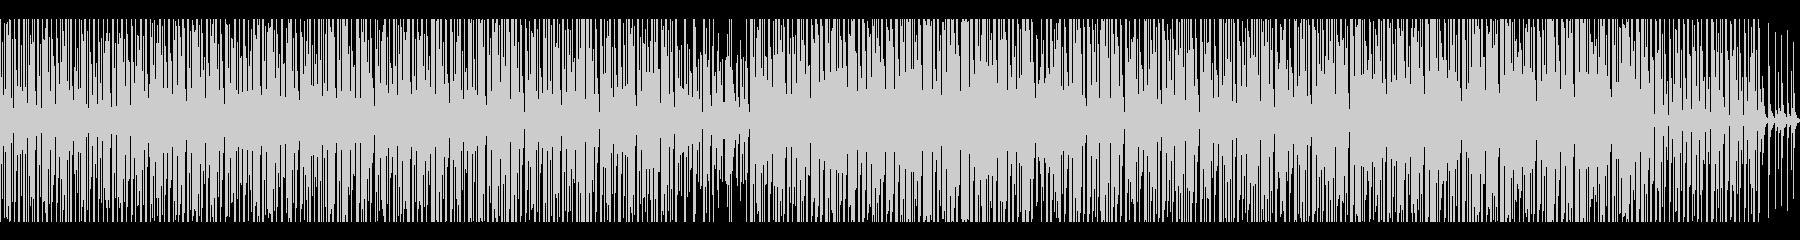 ミッドテンポのトロピカルハウスの未再生の波形